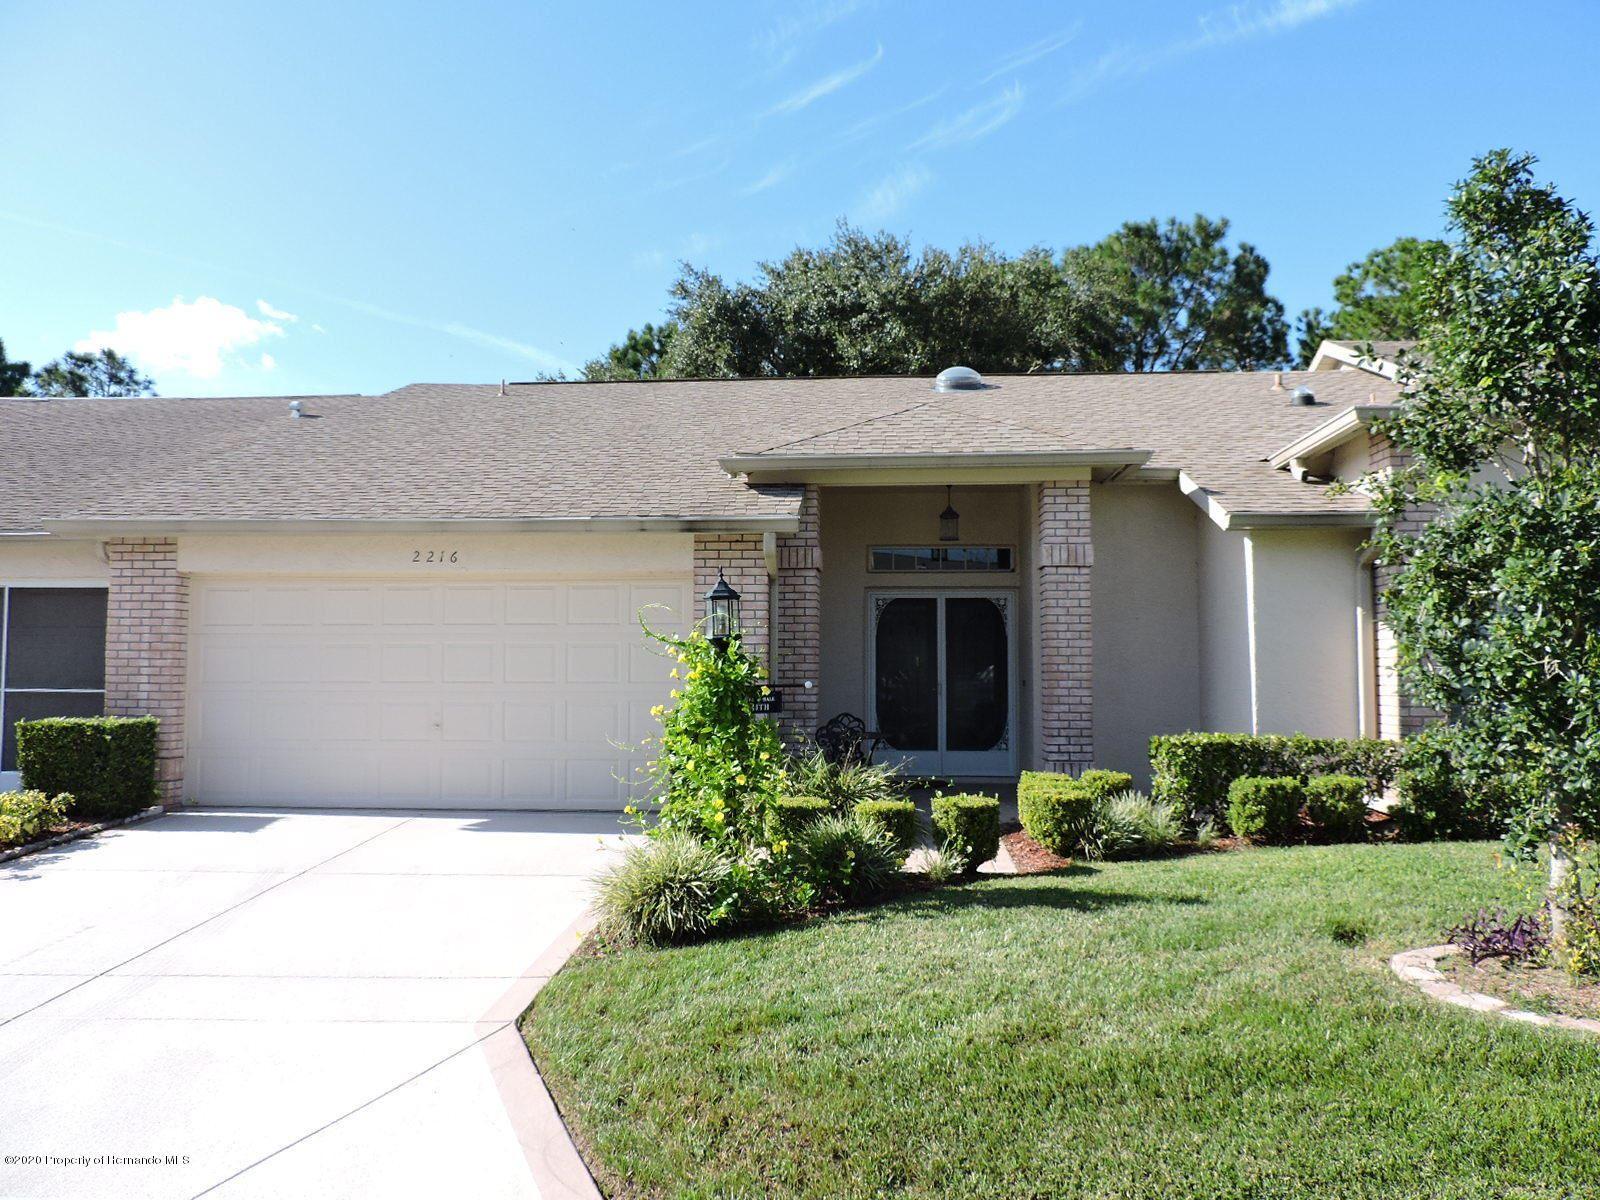 2216 Springmeadow Drive, Spring Hill, FL 34606 - MLS#: 2212069